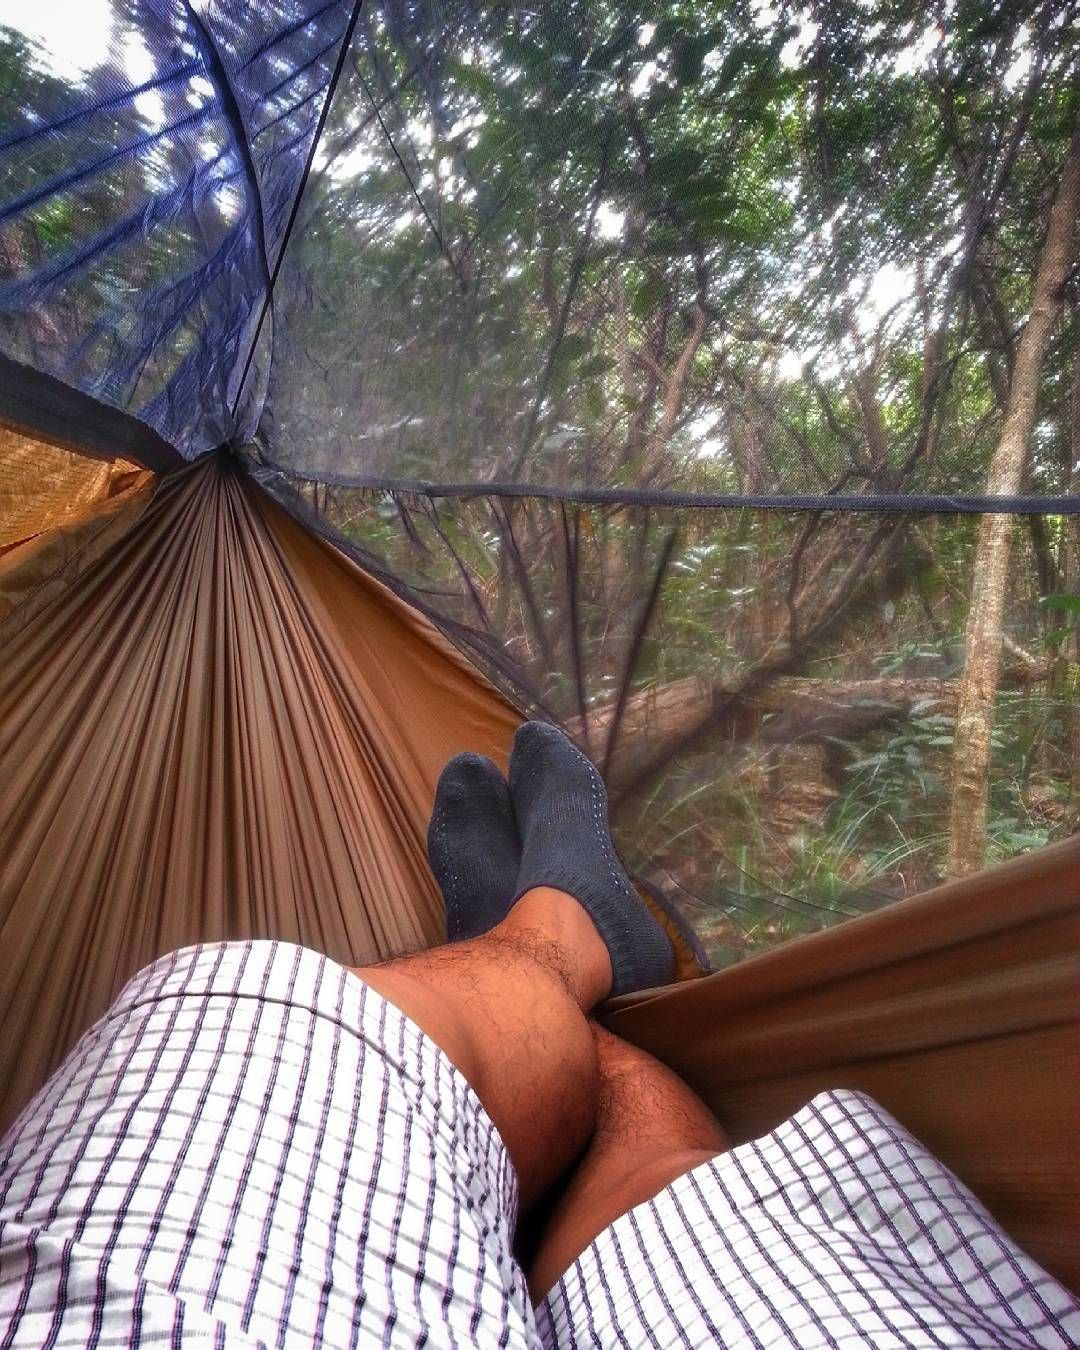 woods chillin u0027 with warbon  blackbird dl hammock  woods chillin u0027 with warbon  blackbird 1 1 dl hammock      rh   pinterest